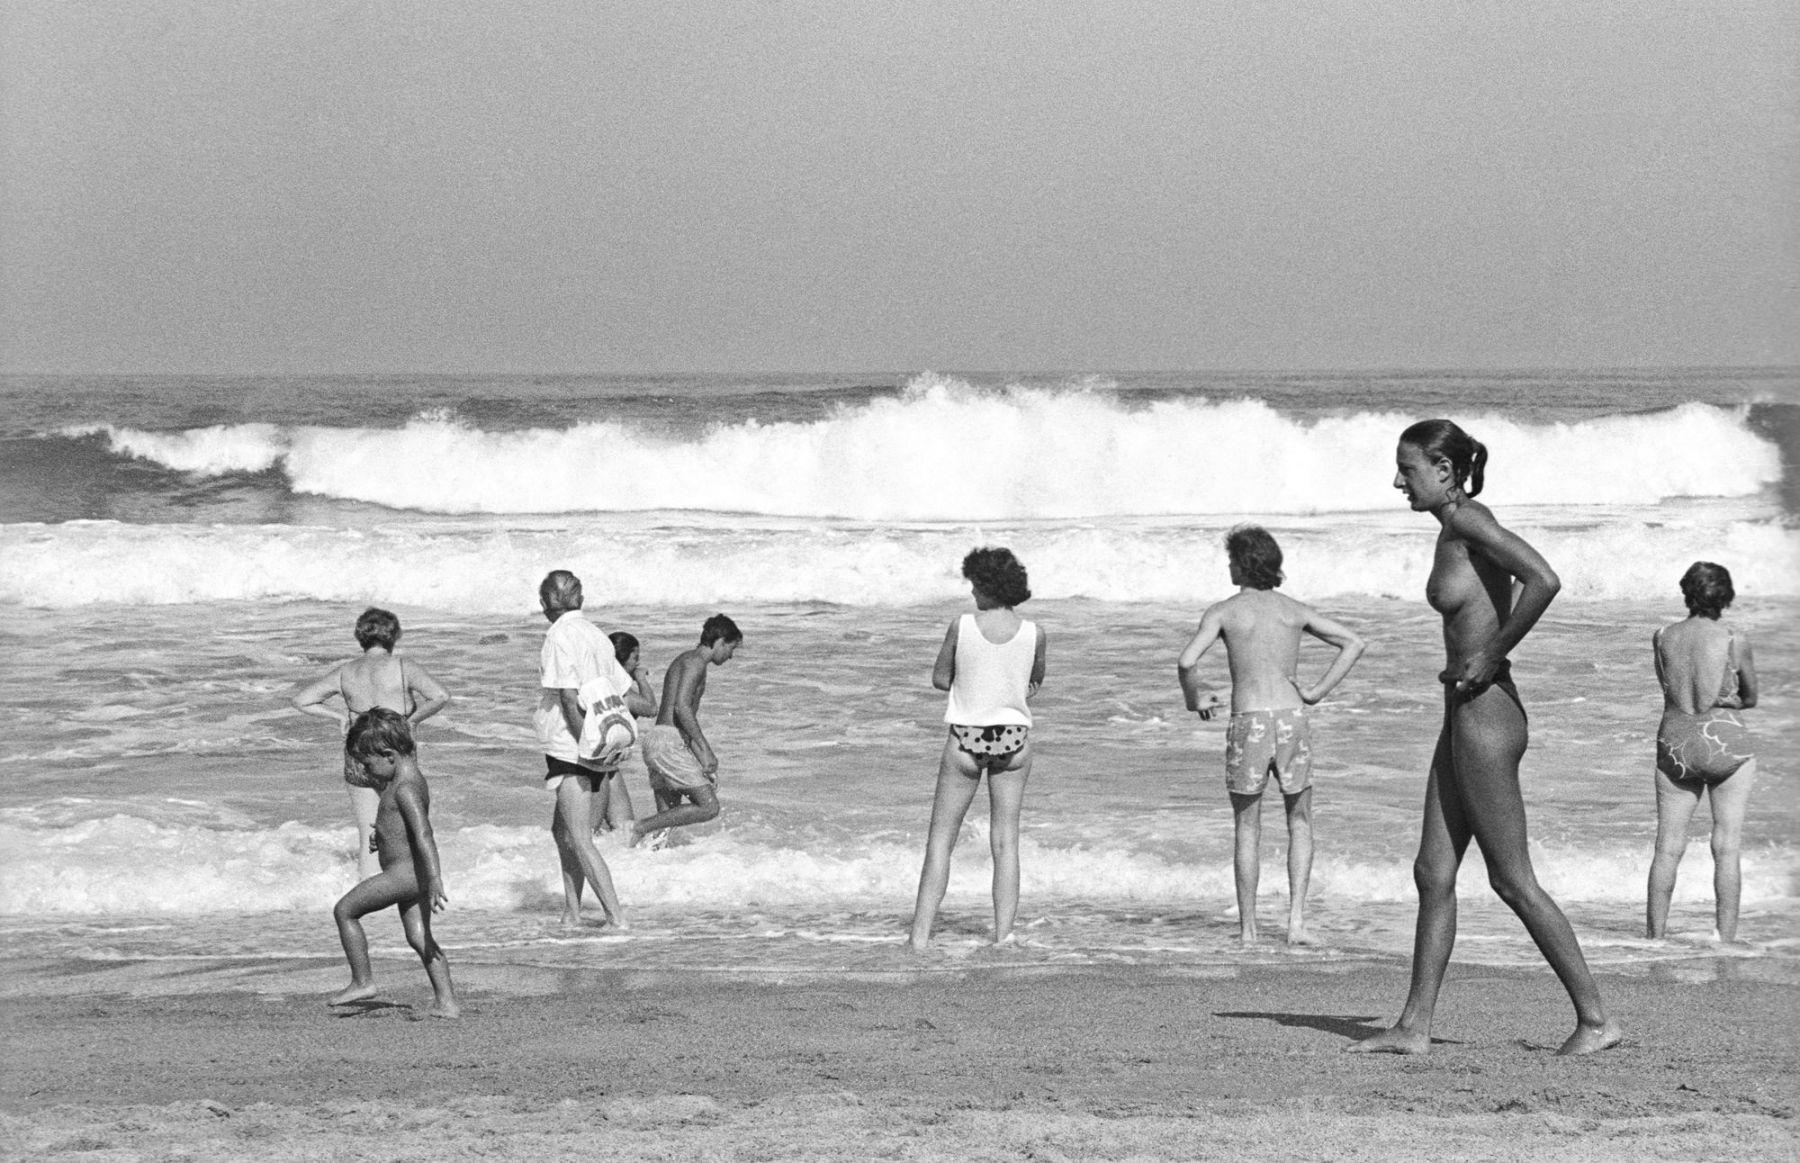 MichelAycaguer-Biarritz-GrandePlage-1988-PointFixe-Leica-5